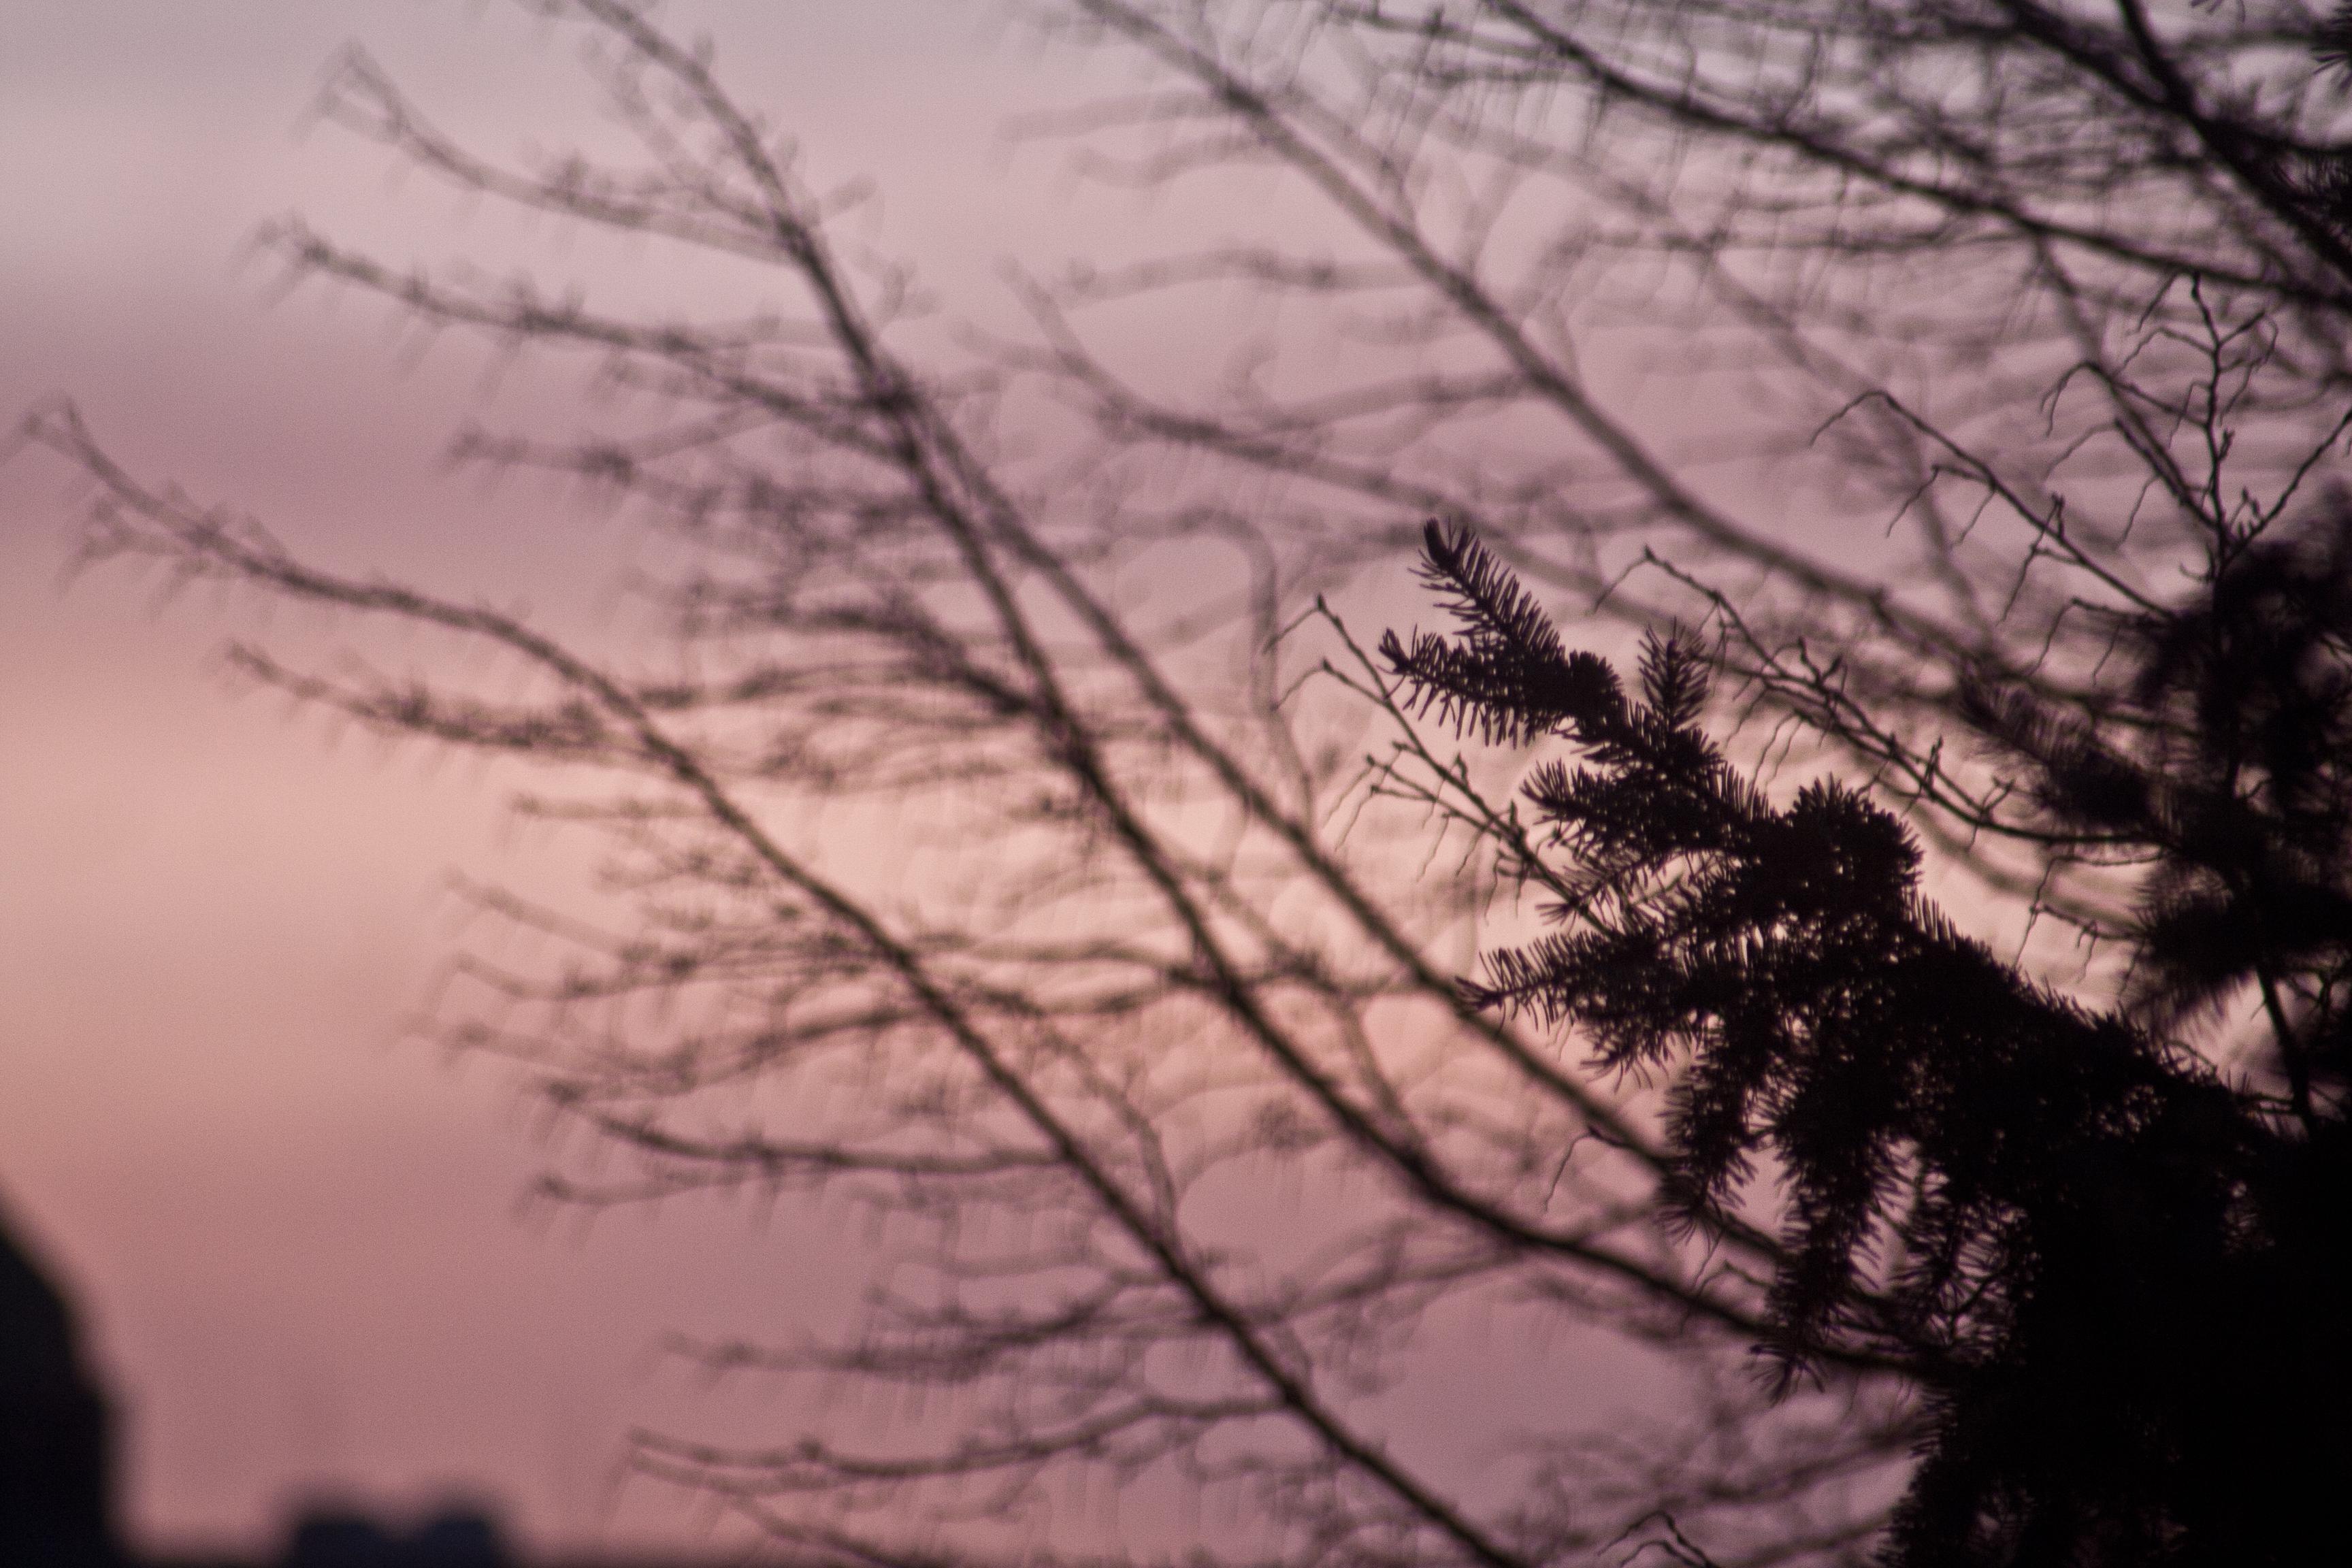 Fotoblog 30.04.2012